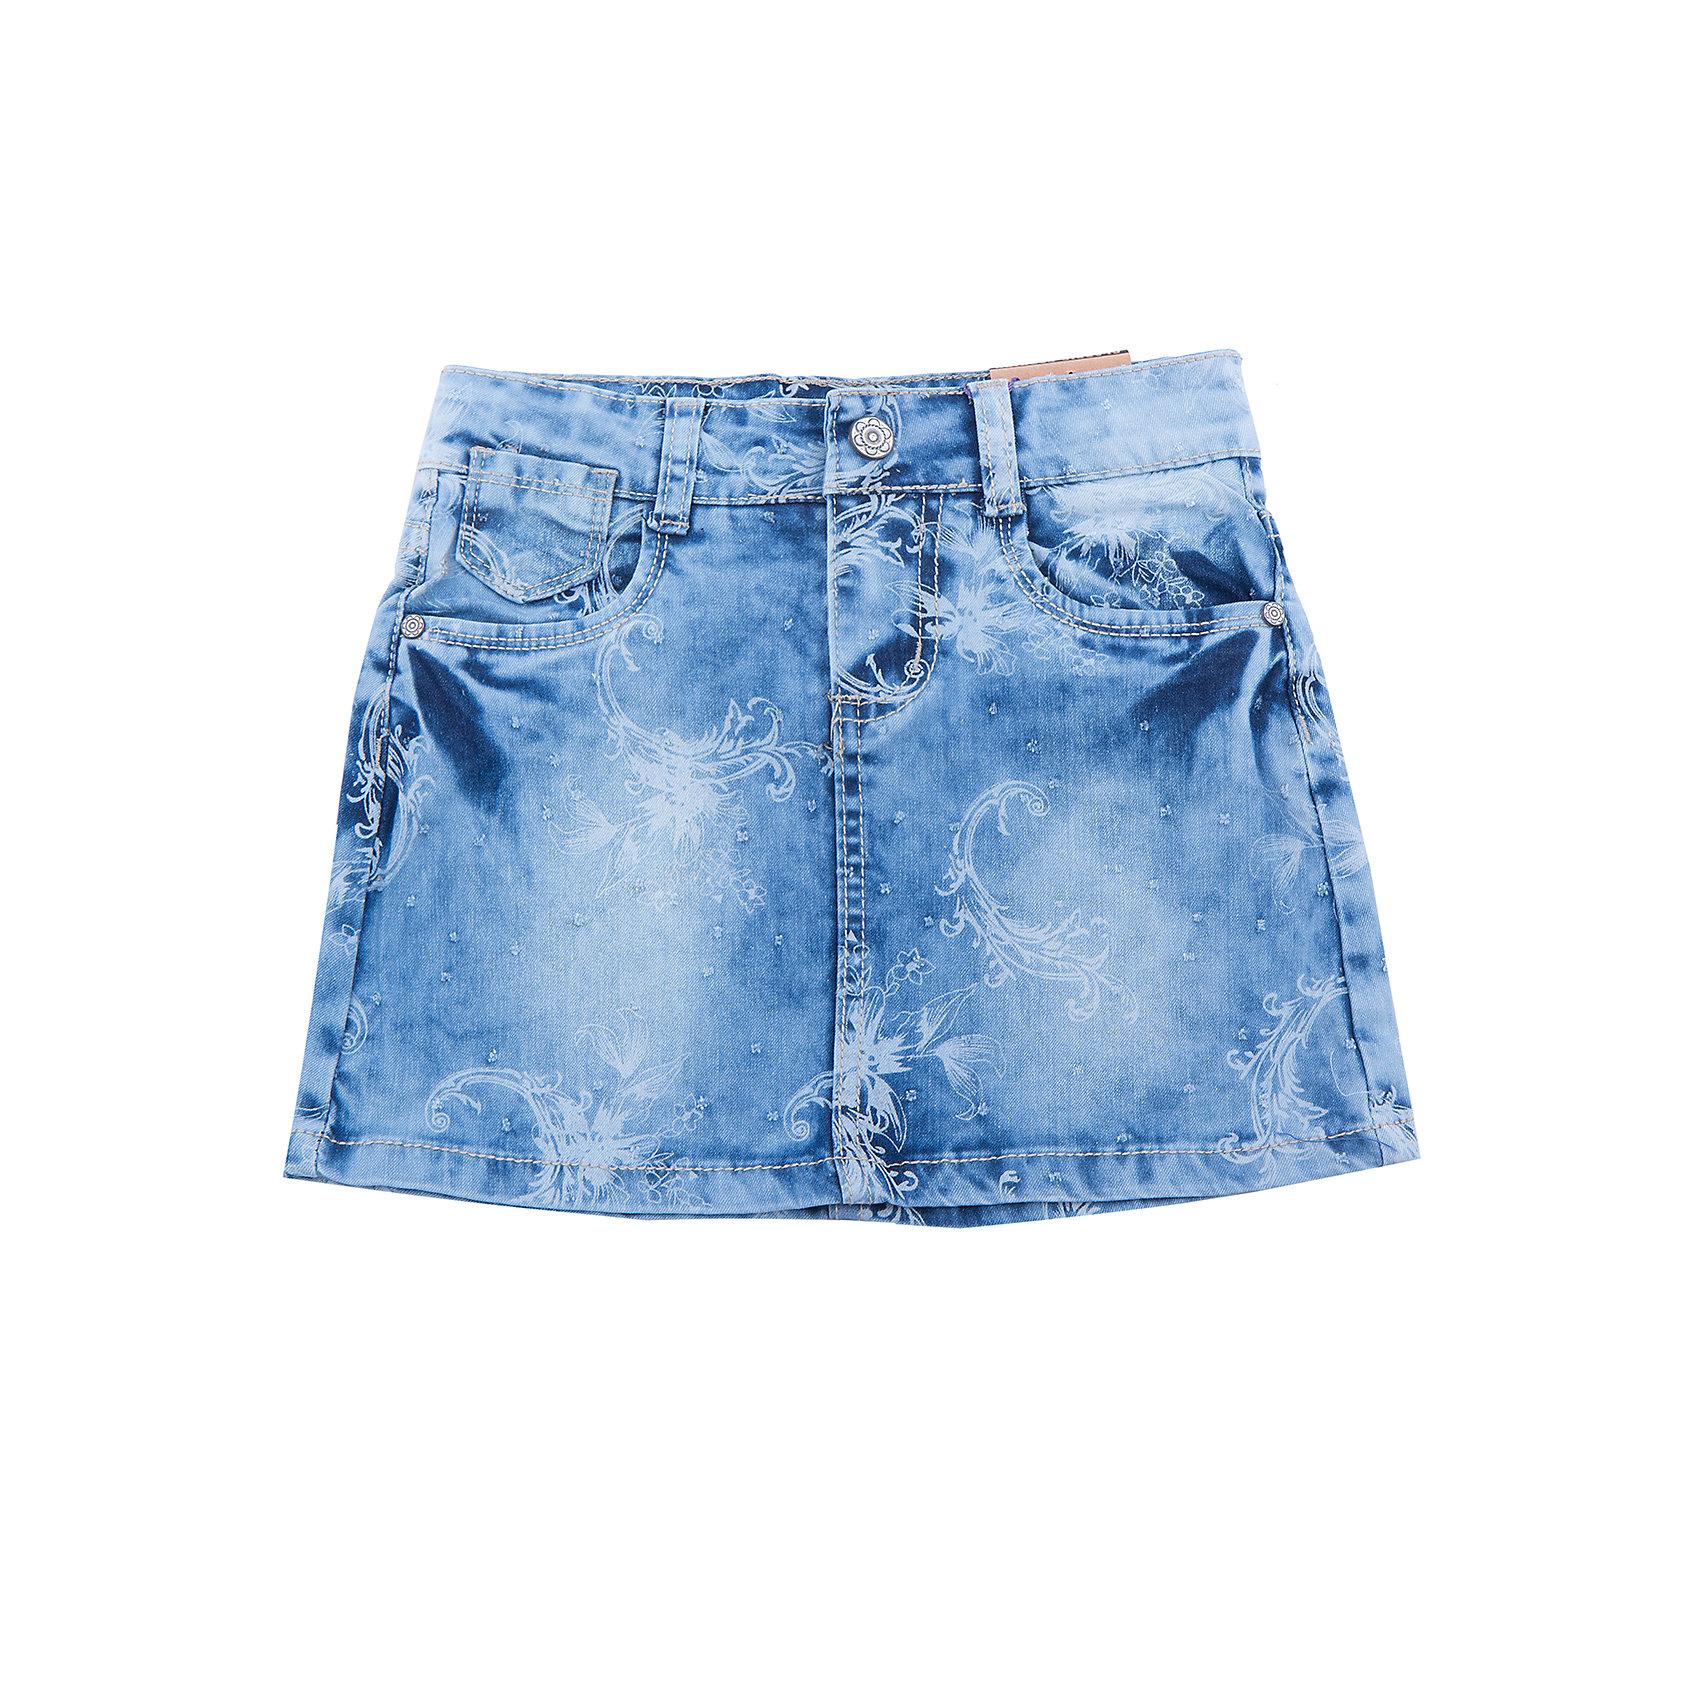 Юбка для девочки Sweet BerryСтильная джинсовая юбка с цветочным принтом. Декорирована оригинальными потертостями. Пояс с регулировкой внутренней резинкой.<br>Состав:<br>98%хлопок 2%эластан<br><br>Ширина мм: 207<br>Глубина мм: 10<br>Высота мм: 189<br>Вес г: 183<br>Цвет: синий<br>Возраст от месяцев: 36<br>Возраст до месяцев: 48<br>Пол: Женский<br>Возраст: Детский<br>Размер: 110,116,122,128,104,98<br>SKU: 5412411